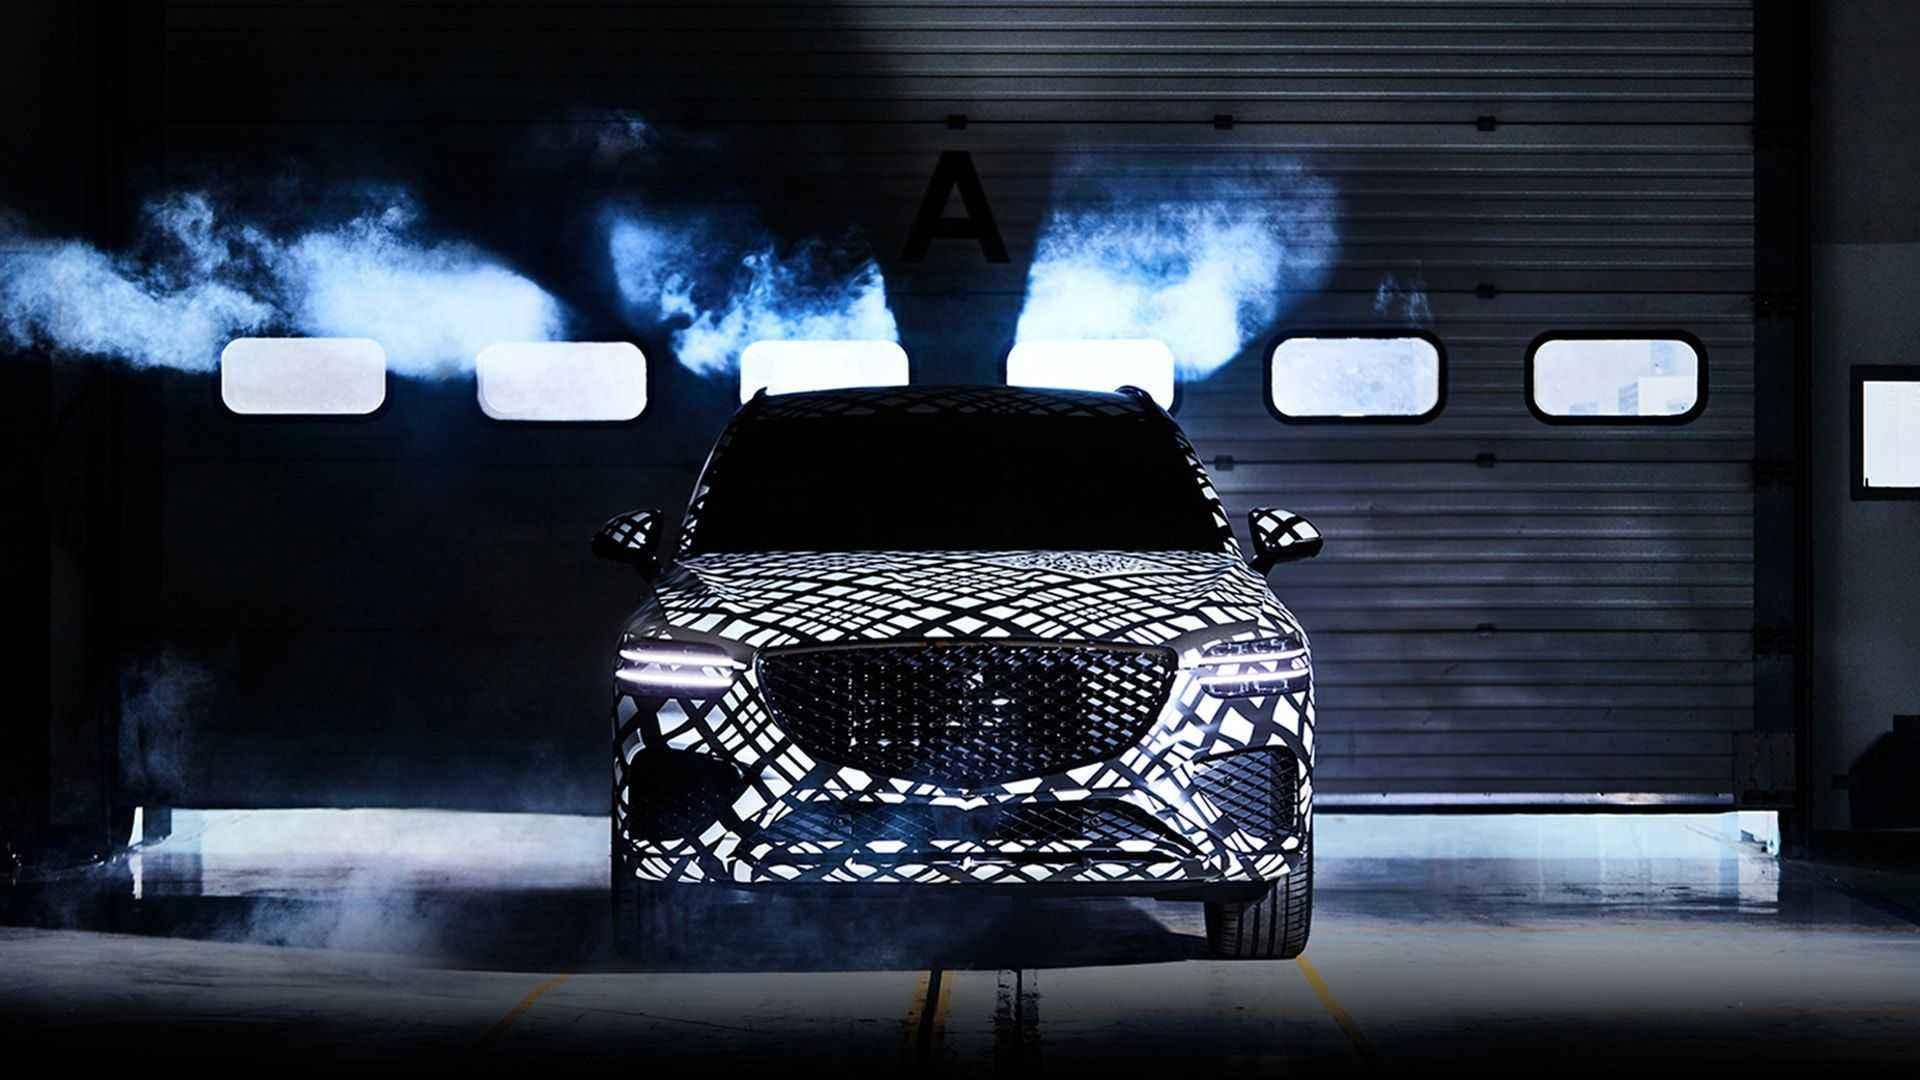 又一款原创豪华中型SUV曝光,质感让人叫好,但设计充满争议!